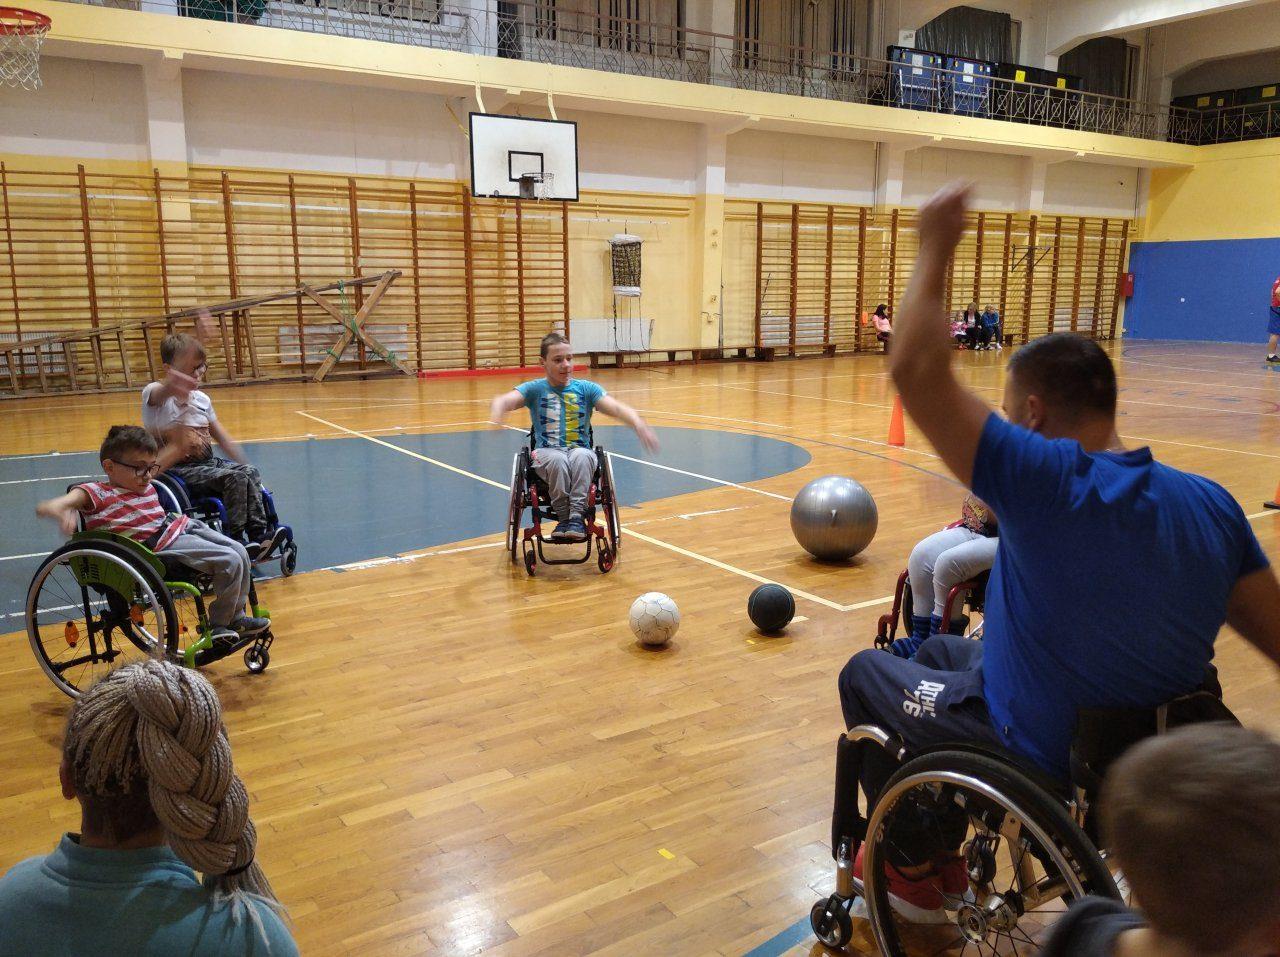 Śnieg + Adrenalina Junior - Wisła 2020 Turnus II 3-9 Luty - Narciarstwo zjazdowe osób niepełnosprawnych - Fundacja Aktywni Bez Barier